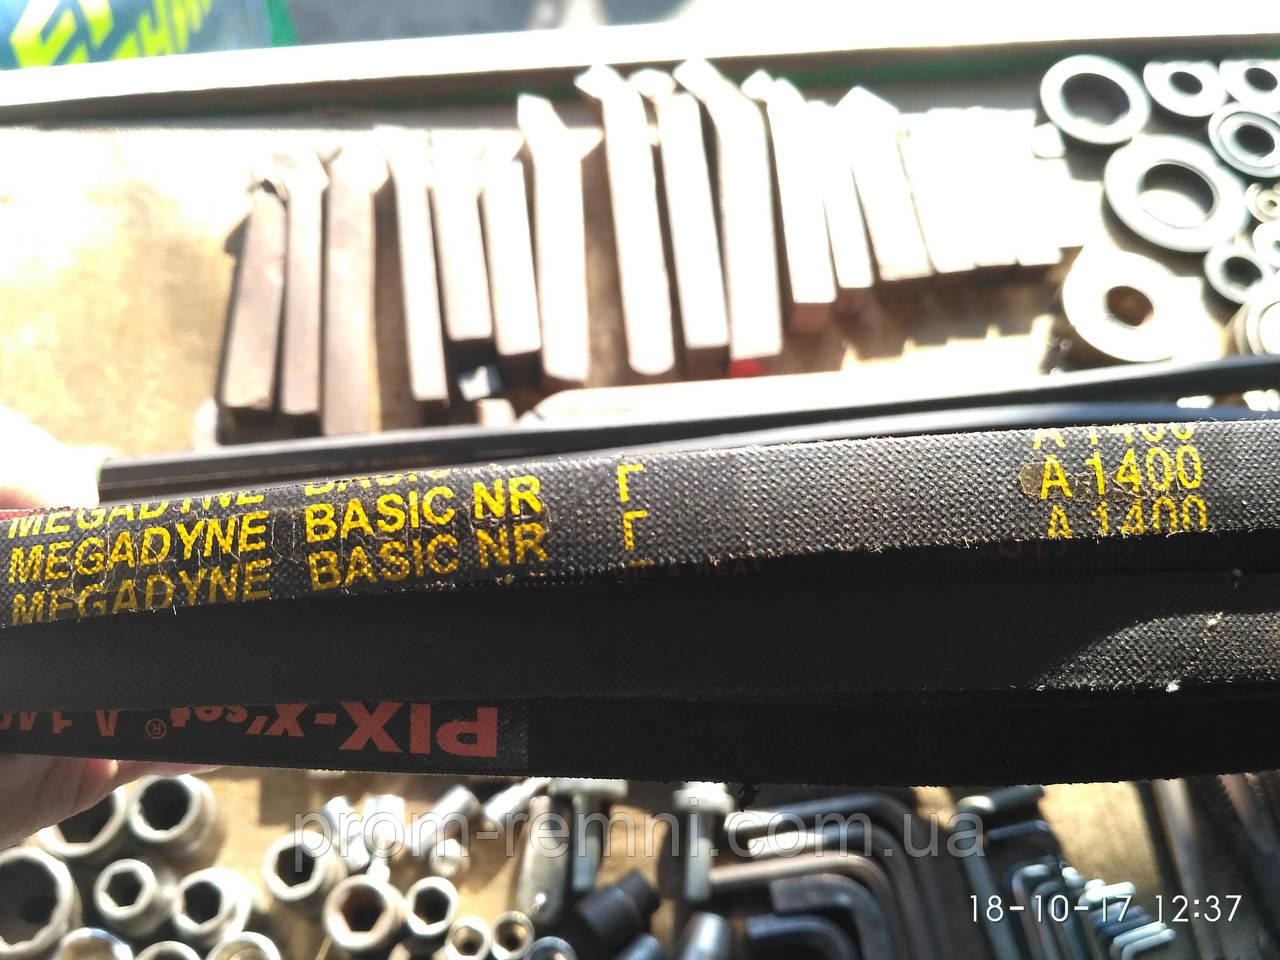 Приводной ремень А-1400 Megadyne Basic